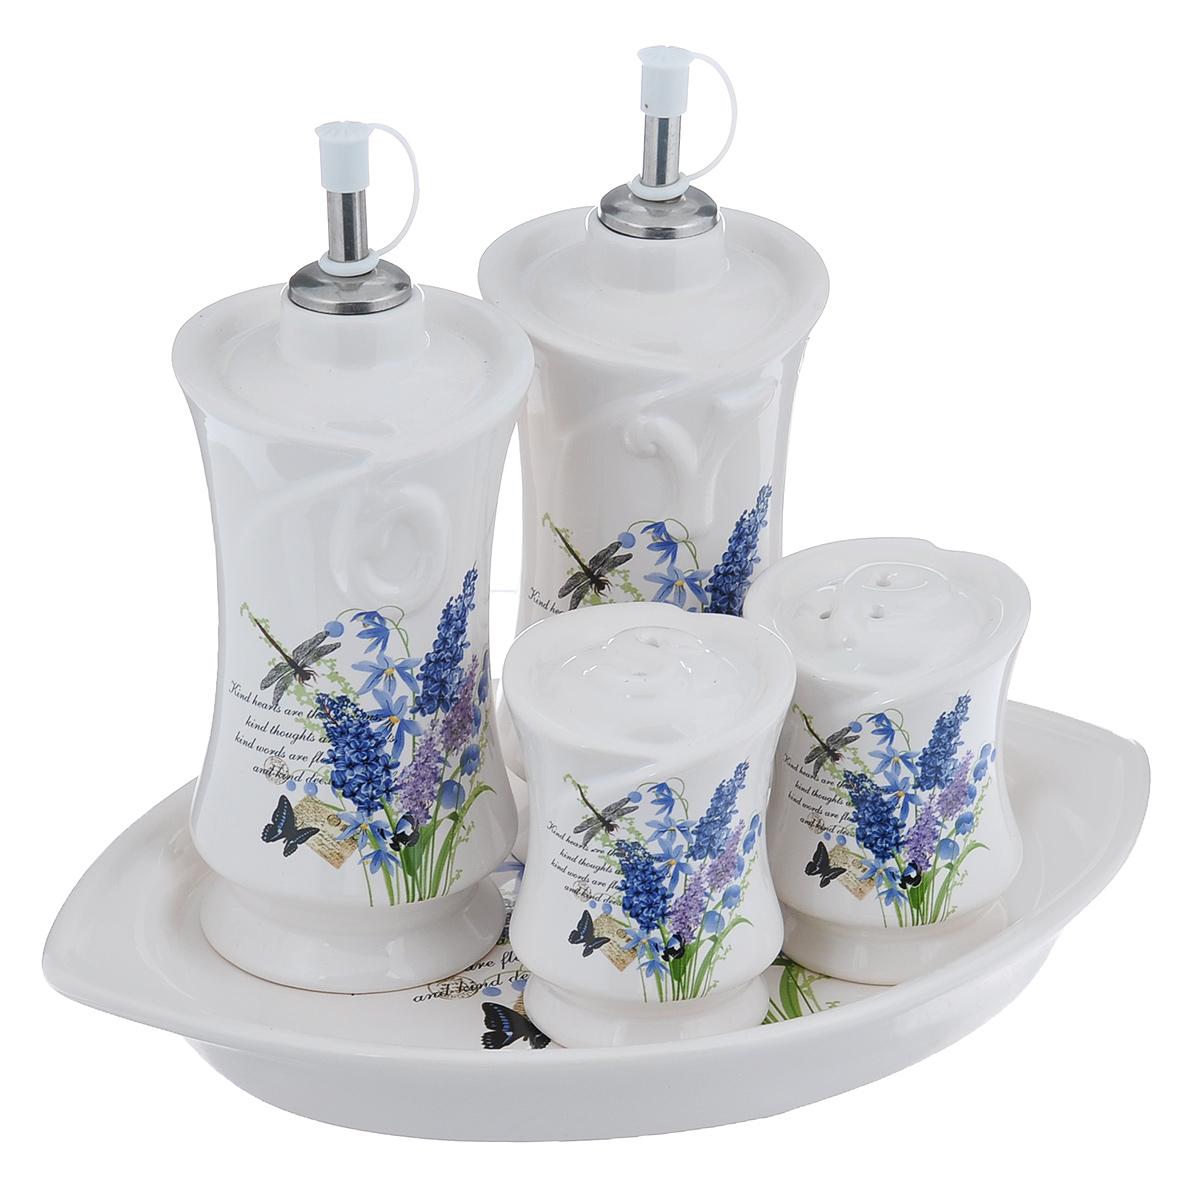 Набор для специй Полевые цветы, 5 предметовDFC03840-02252 5/SНабор Полевые цветы состоит из двух соусников, перечницы, солонки и подставки. Предметы набора изготовлены из доломитовой керамики и декорированы изображением цветов и насекомых. Оригинальный дизайн, эстетичность и функциональность набора позволят ему стать достойным дополнением к кухонному инвентарю. Можно мыть в посудомоечной машине на минимальной температуре. Высота соусника (с учетом крышки): 20 см. Диаметр основания соусника: 6,8 см. Высота солонки и перечницы: 8,5 см. Диаметр основания солонки и перечницы: 5,3 см. Размер подставки: 27 см х 18,5 см х 2,5 см.